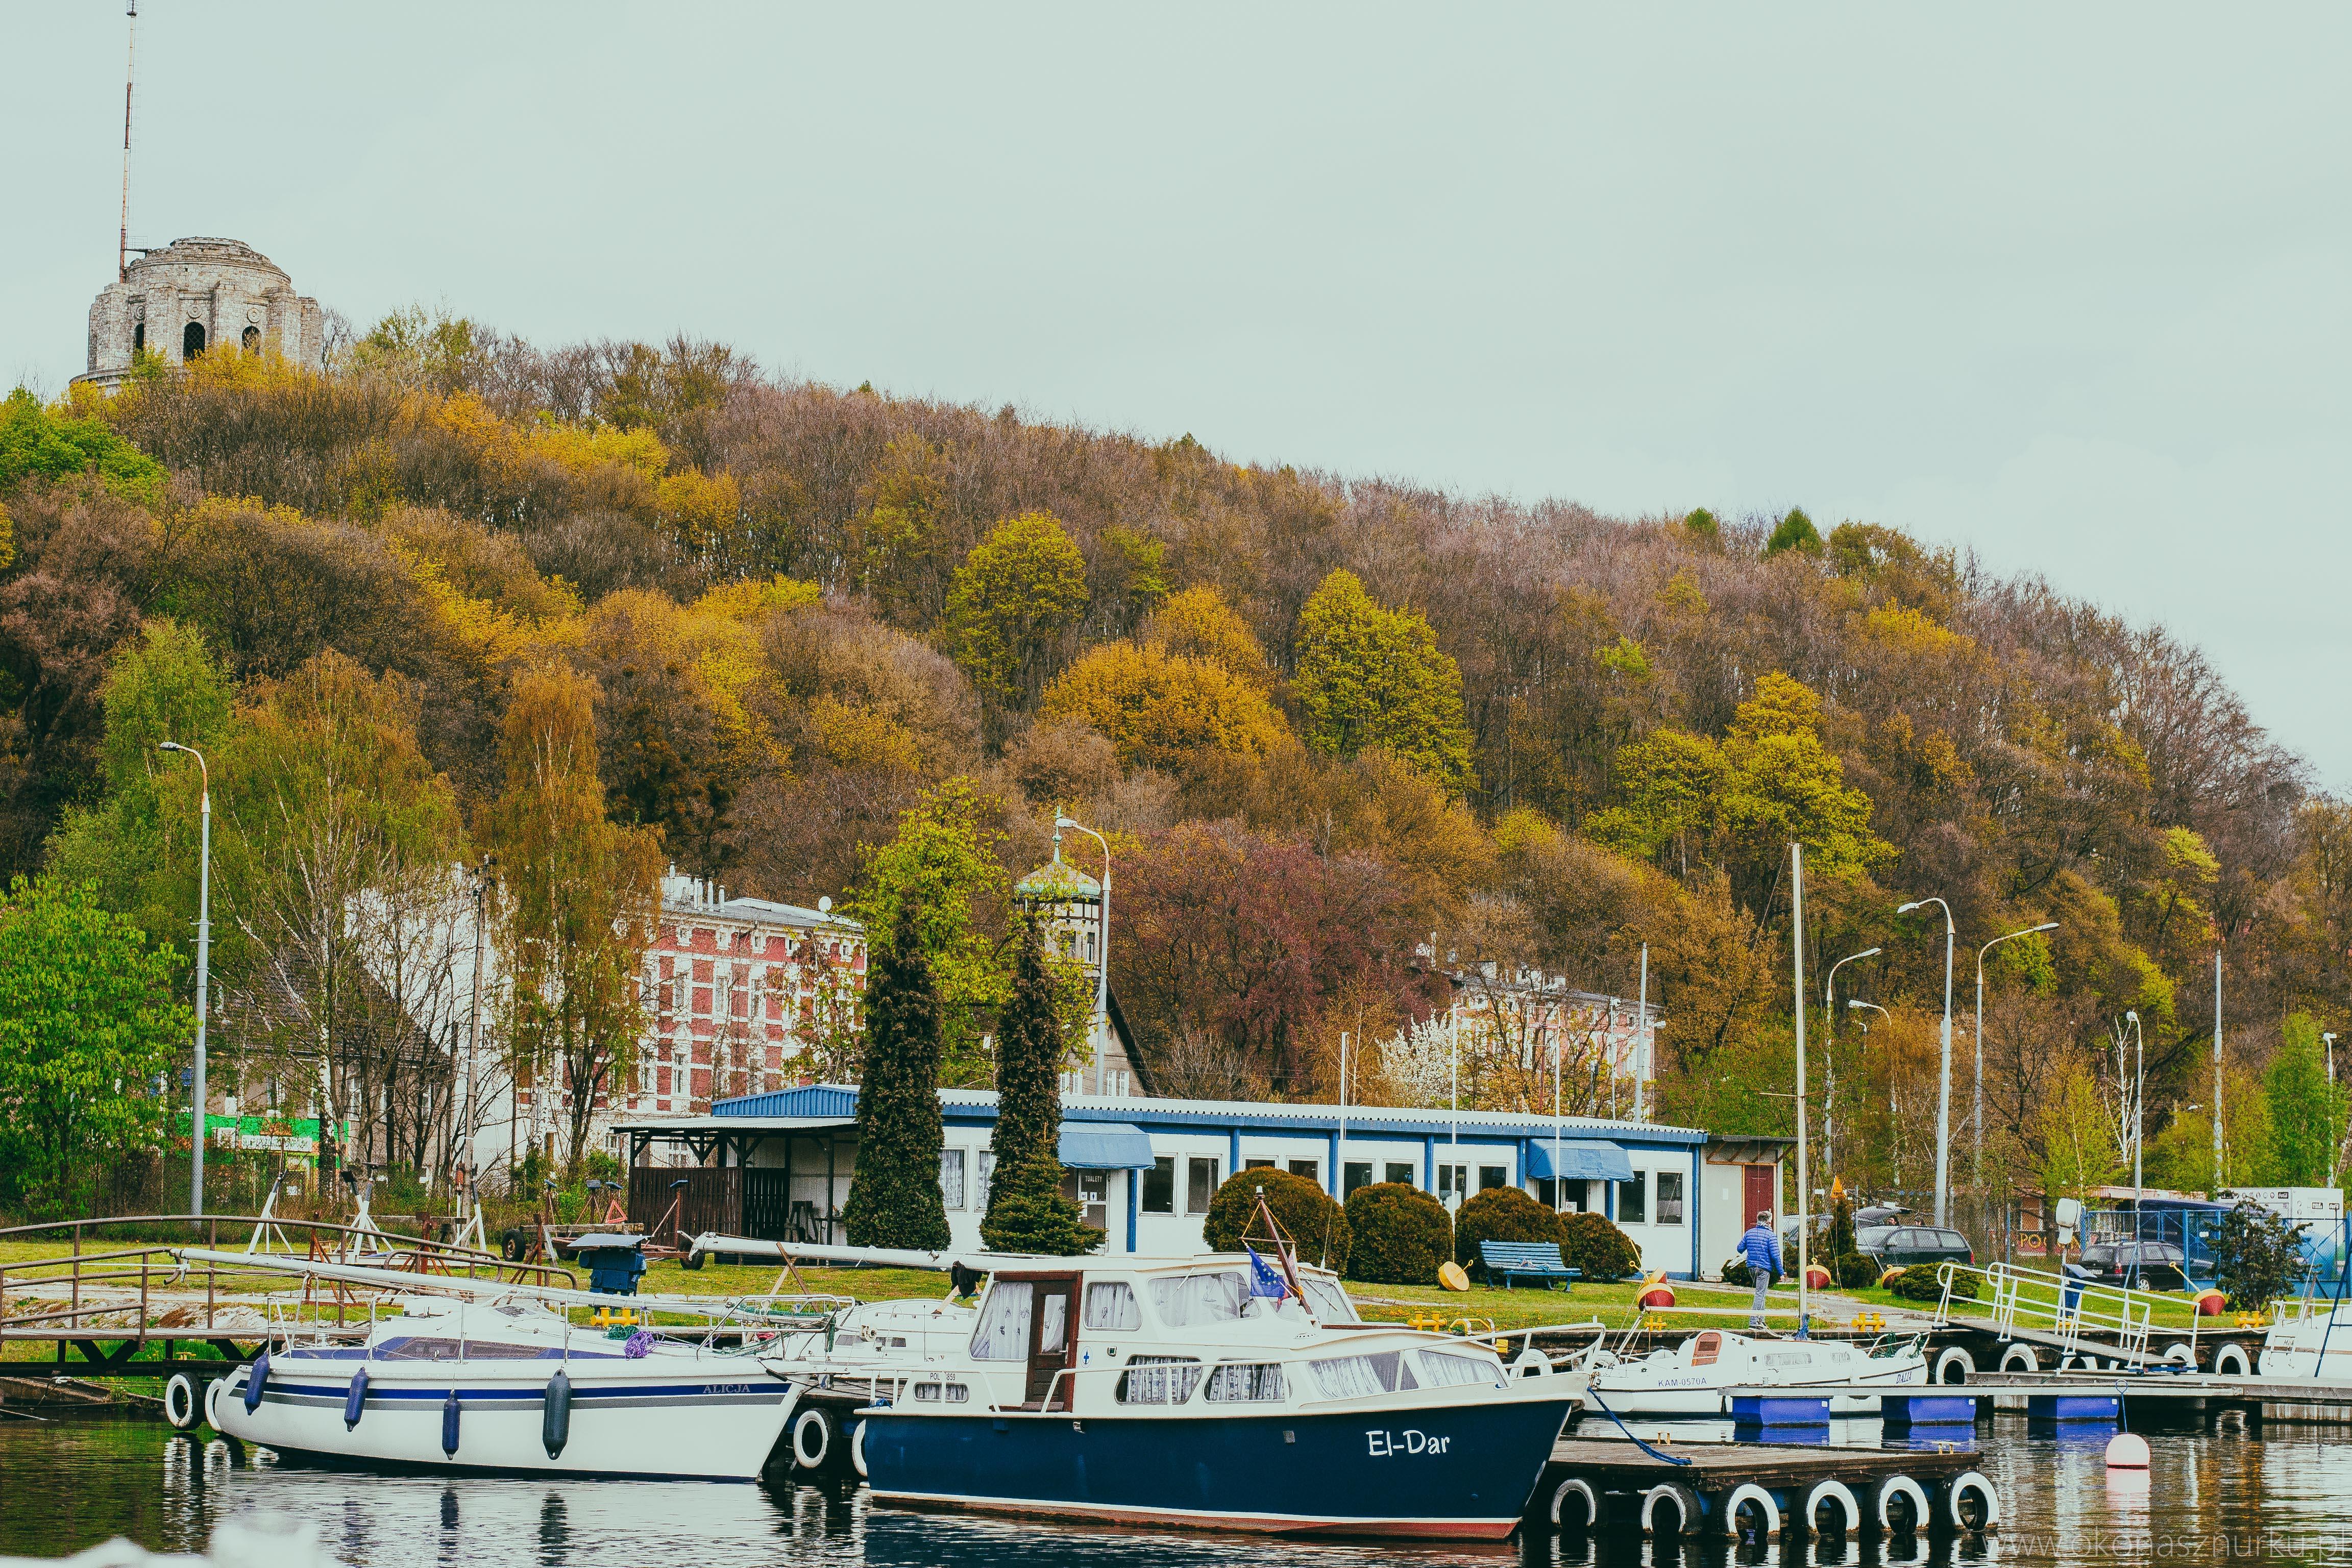 marina-jacht-wyprawy-morskie-silesia-szczecin-goclaw-lubczyna (10)